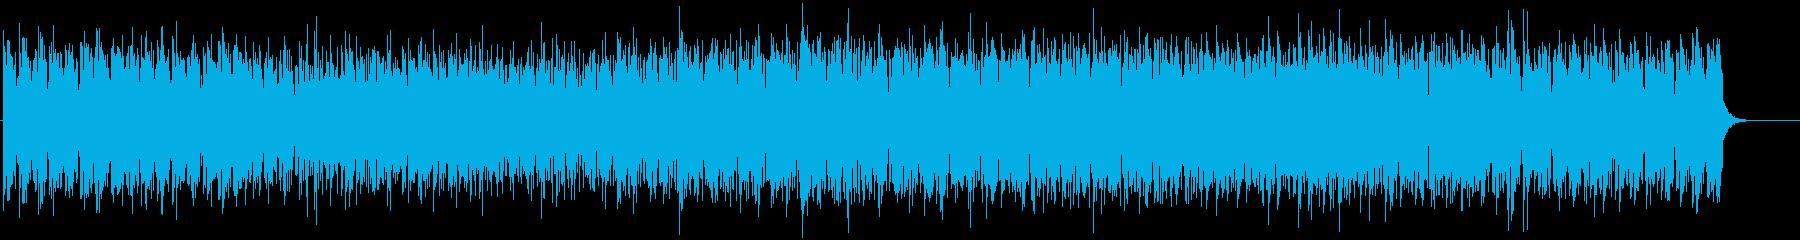 暑い砂漠をイメージしたゲームBGMの再生済みの波形